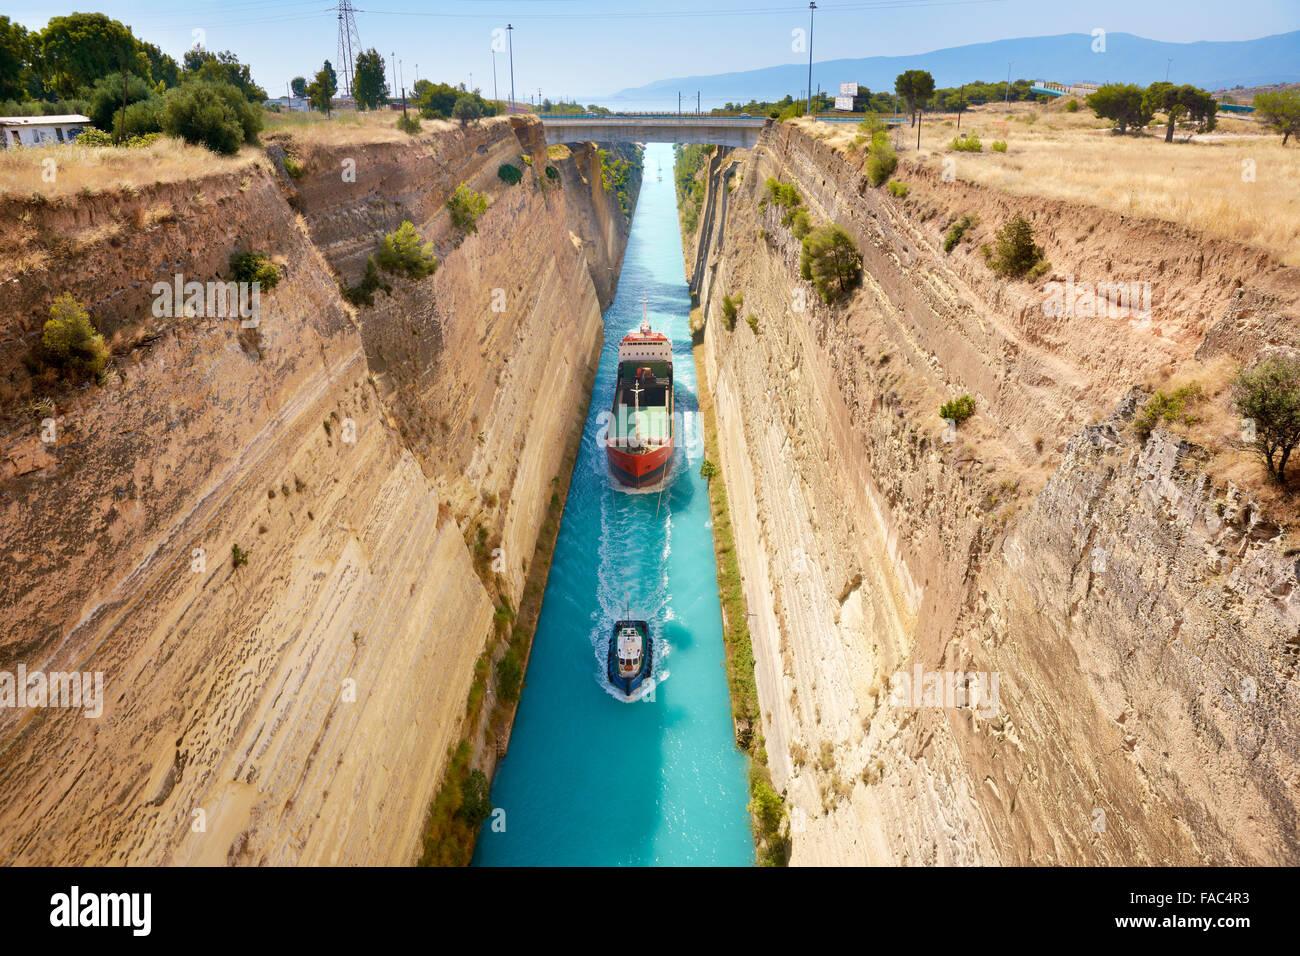 Corinthe - bateau dans le canal de Corinthe, le Péloponnèse, Grèce Photo Stock